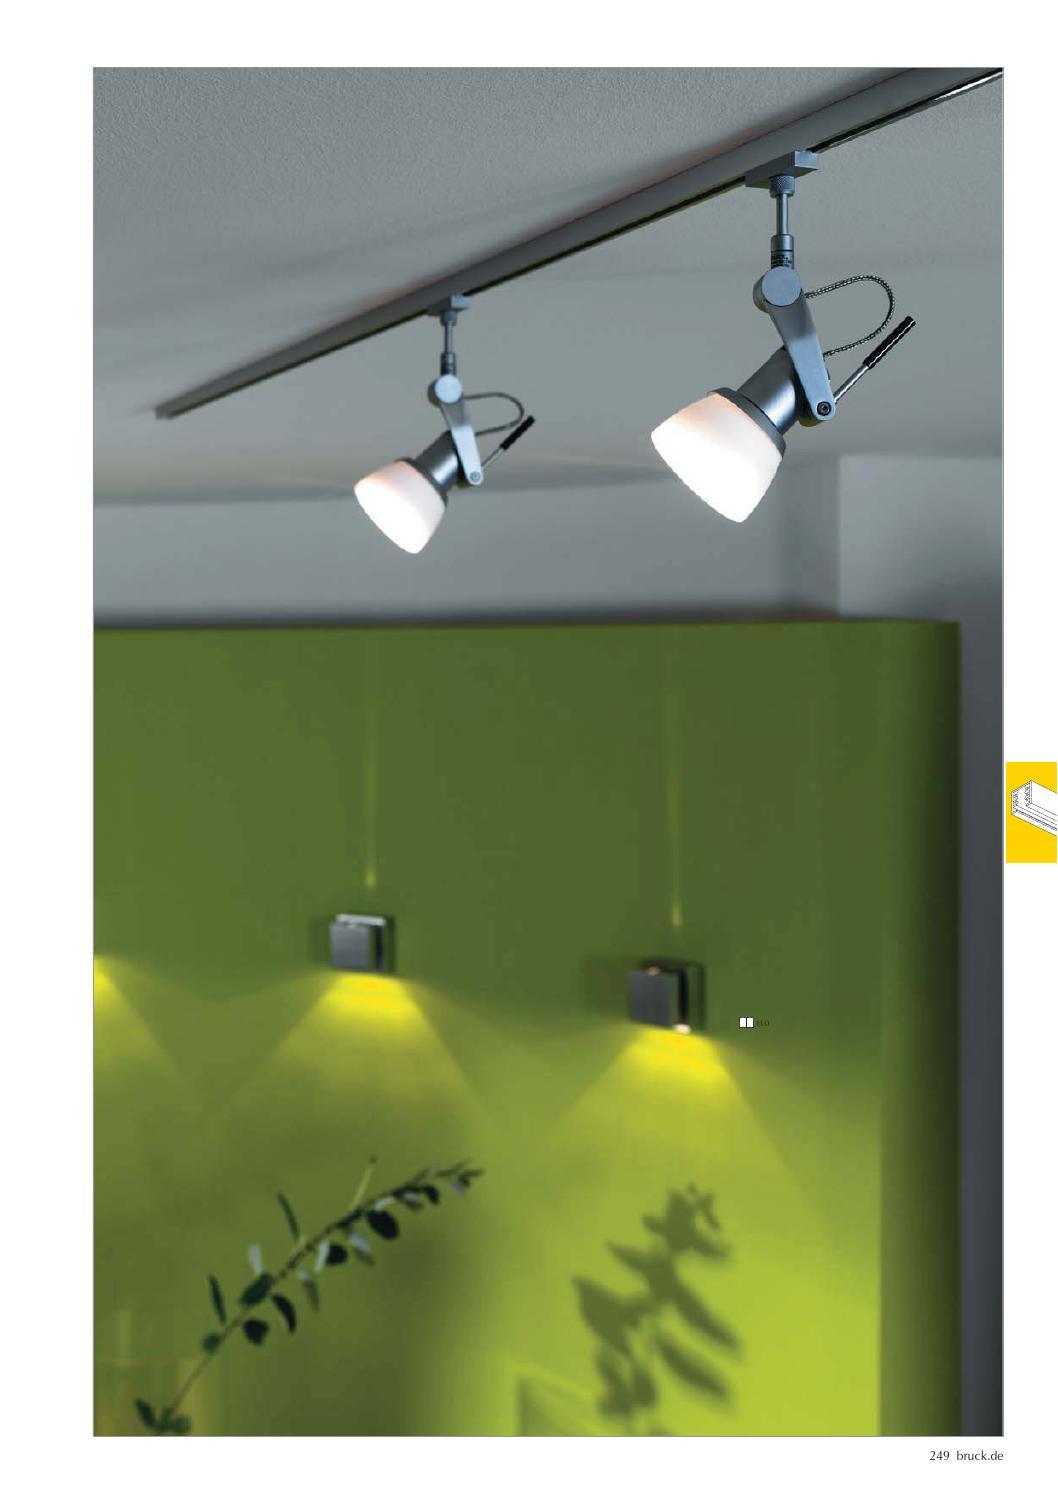 LED Wandlampe mit eckigem grauen Schirm /& Schalter Nickel matt Wohnzimmerlampe